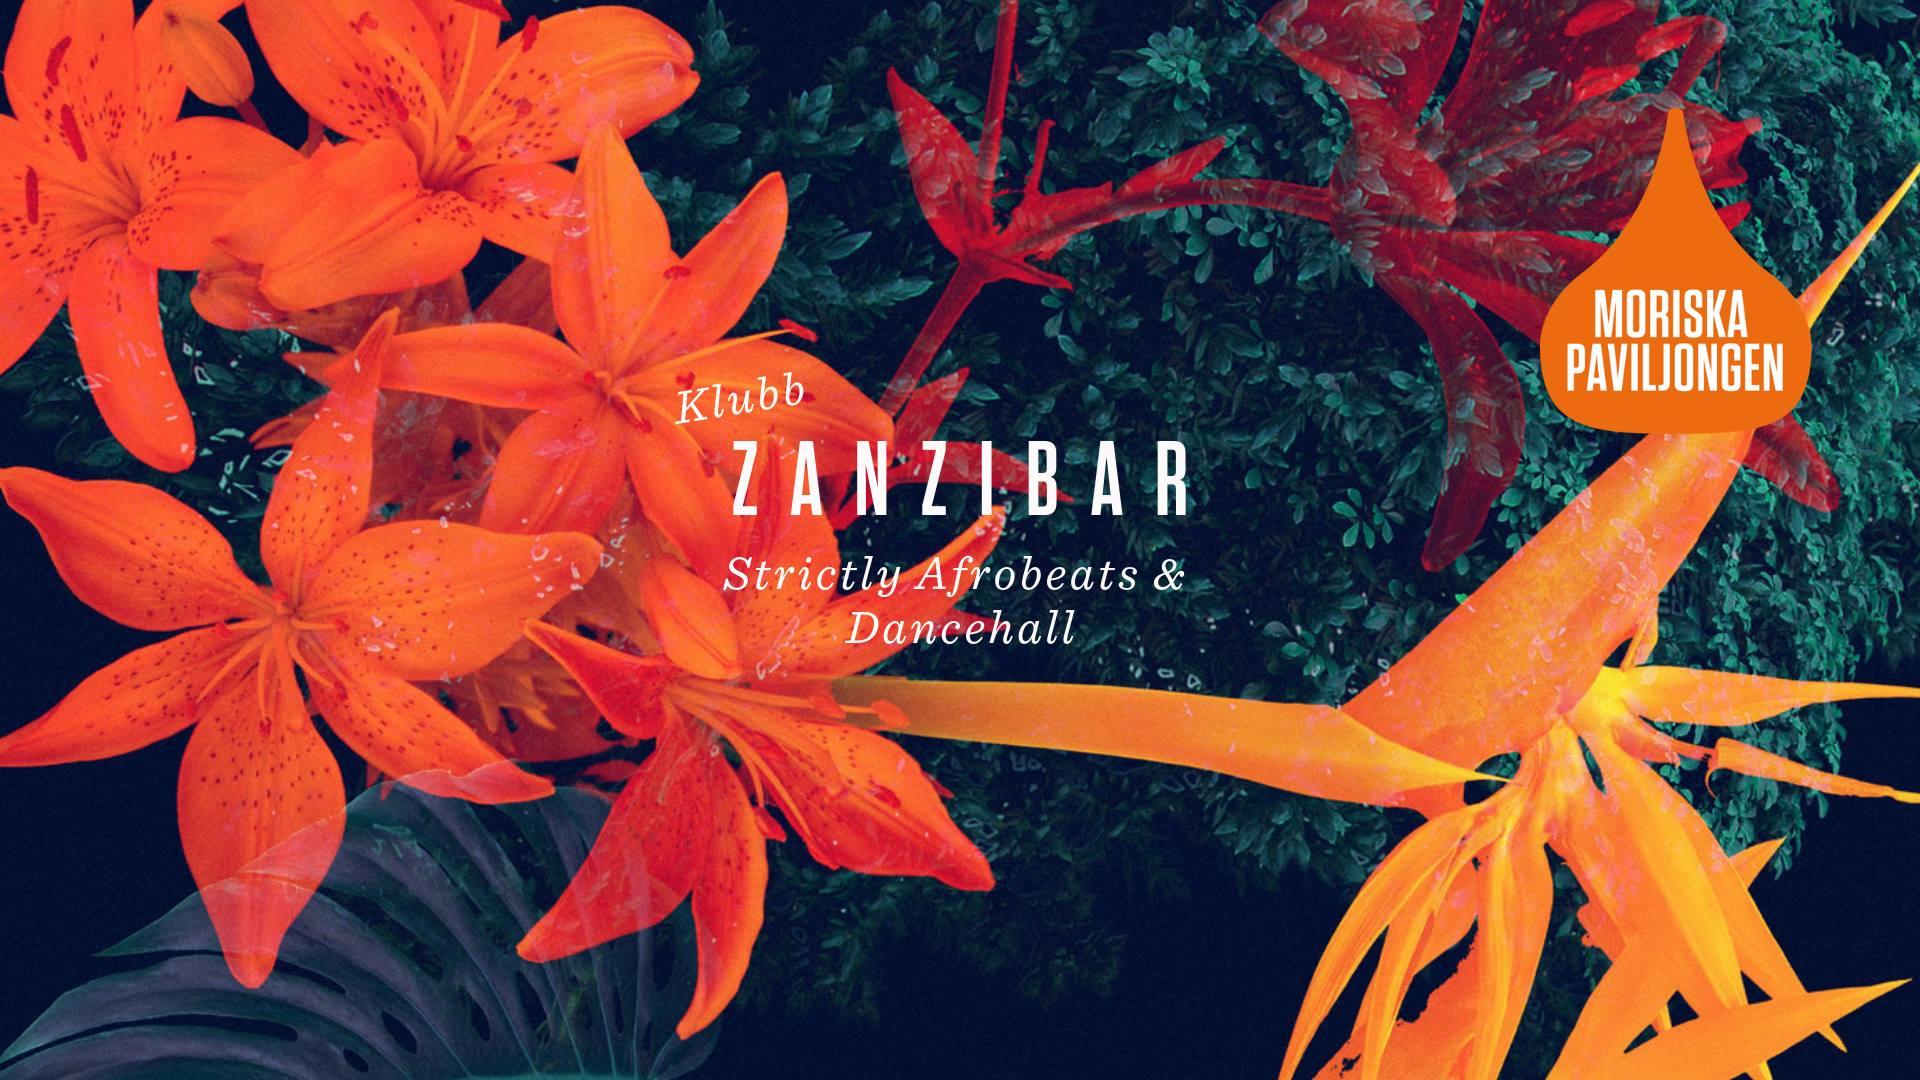 KLUBB: Klubb Zanzibar - Strictly Afrobeats & Dancehall! (MALMÖ)